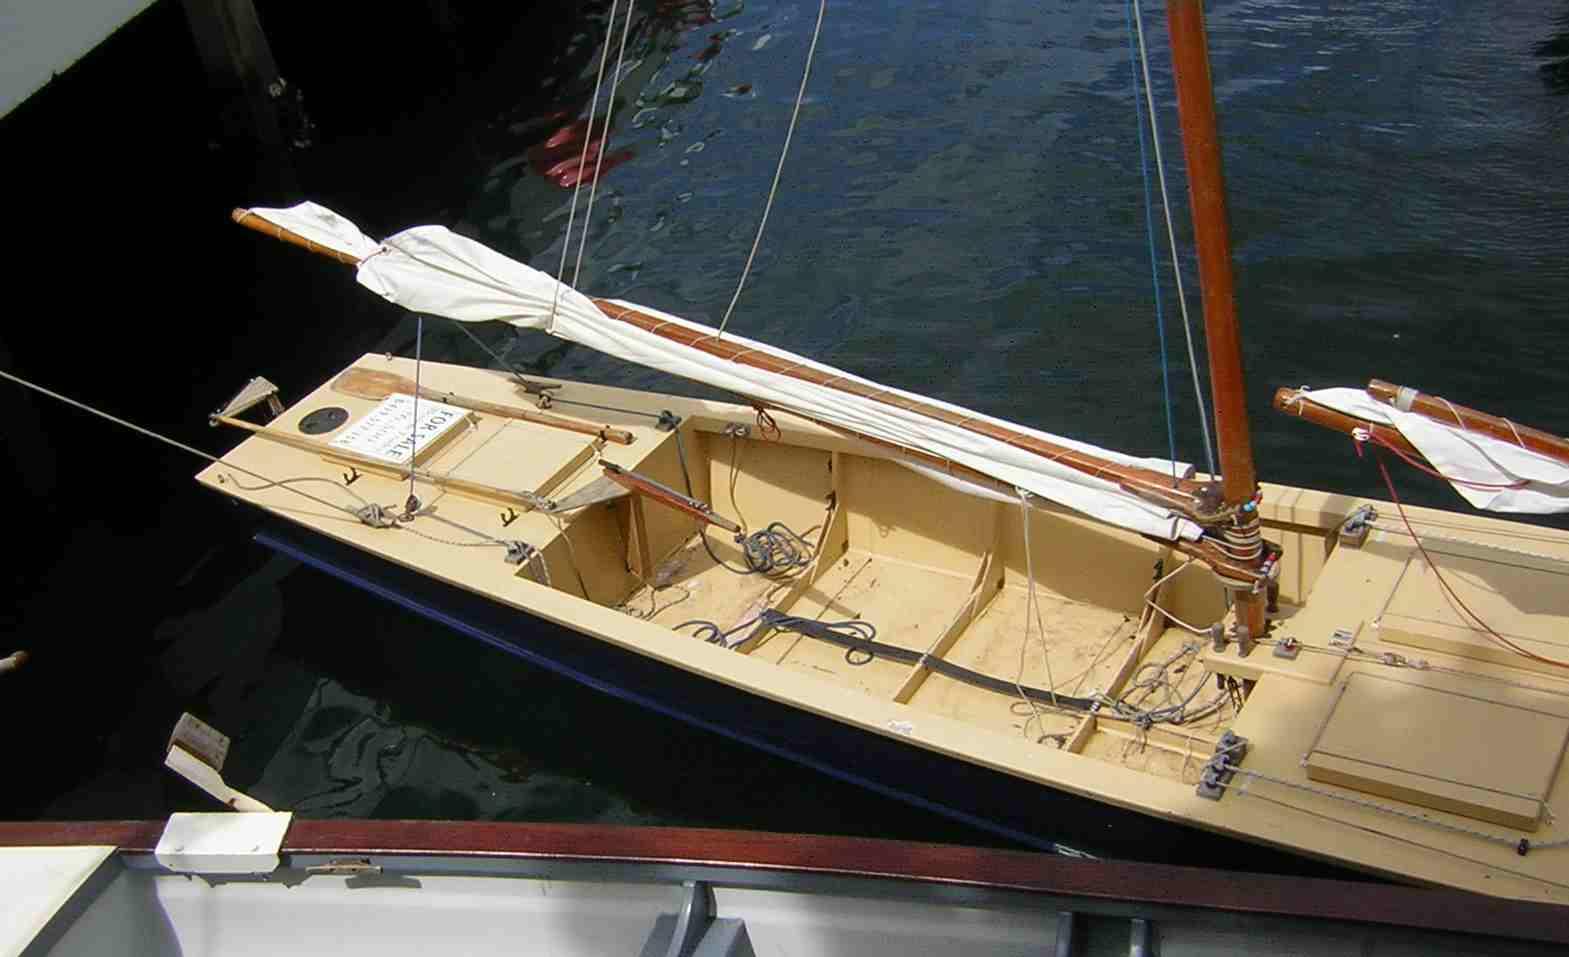 Peter Kreet Art Hobart Wooden Boat Show